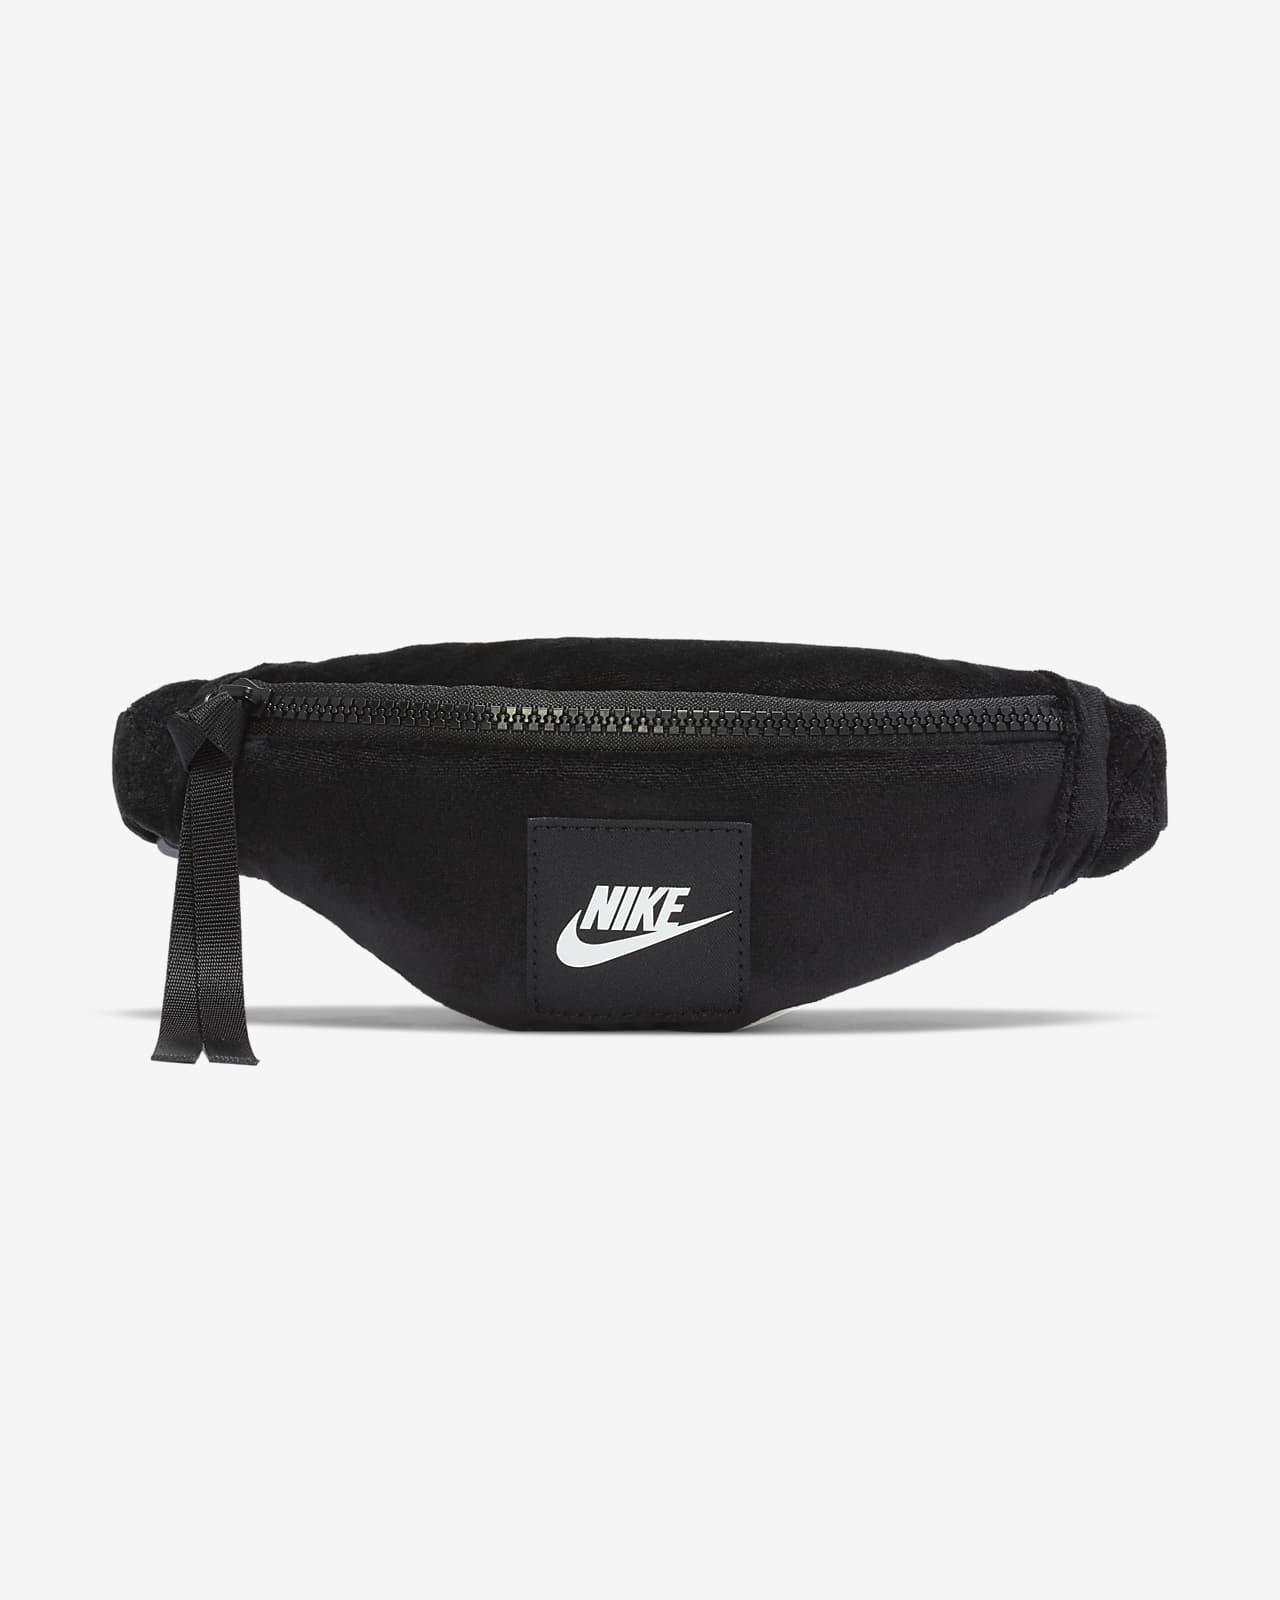 Sac banane pour l'hiver Nike Sportswear Heritage